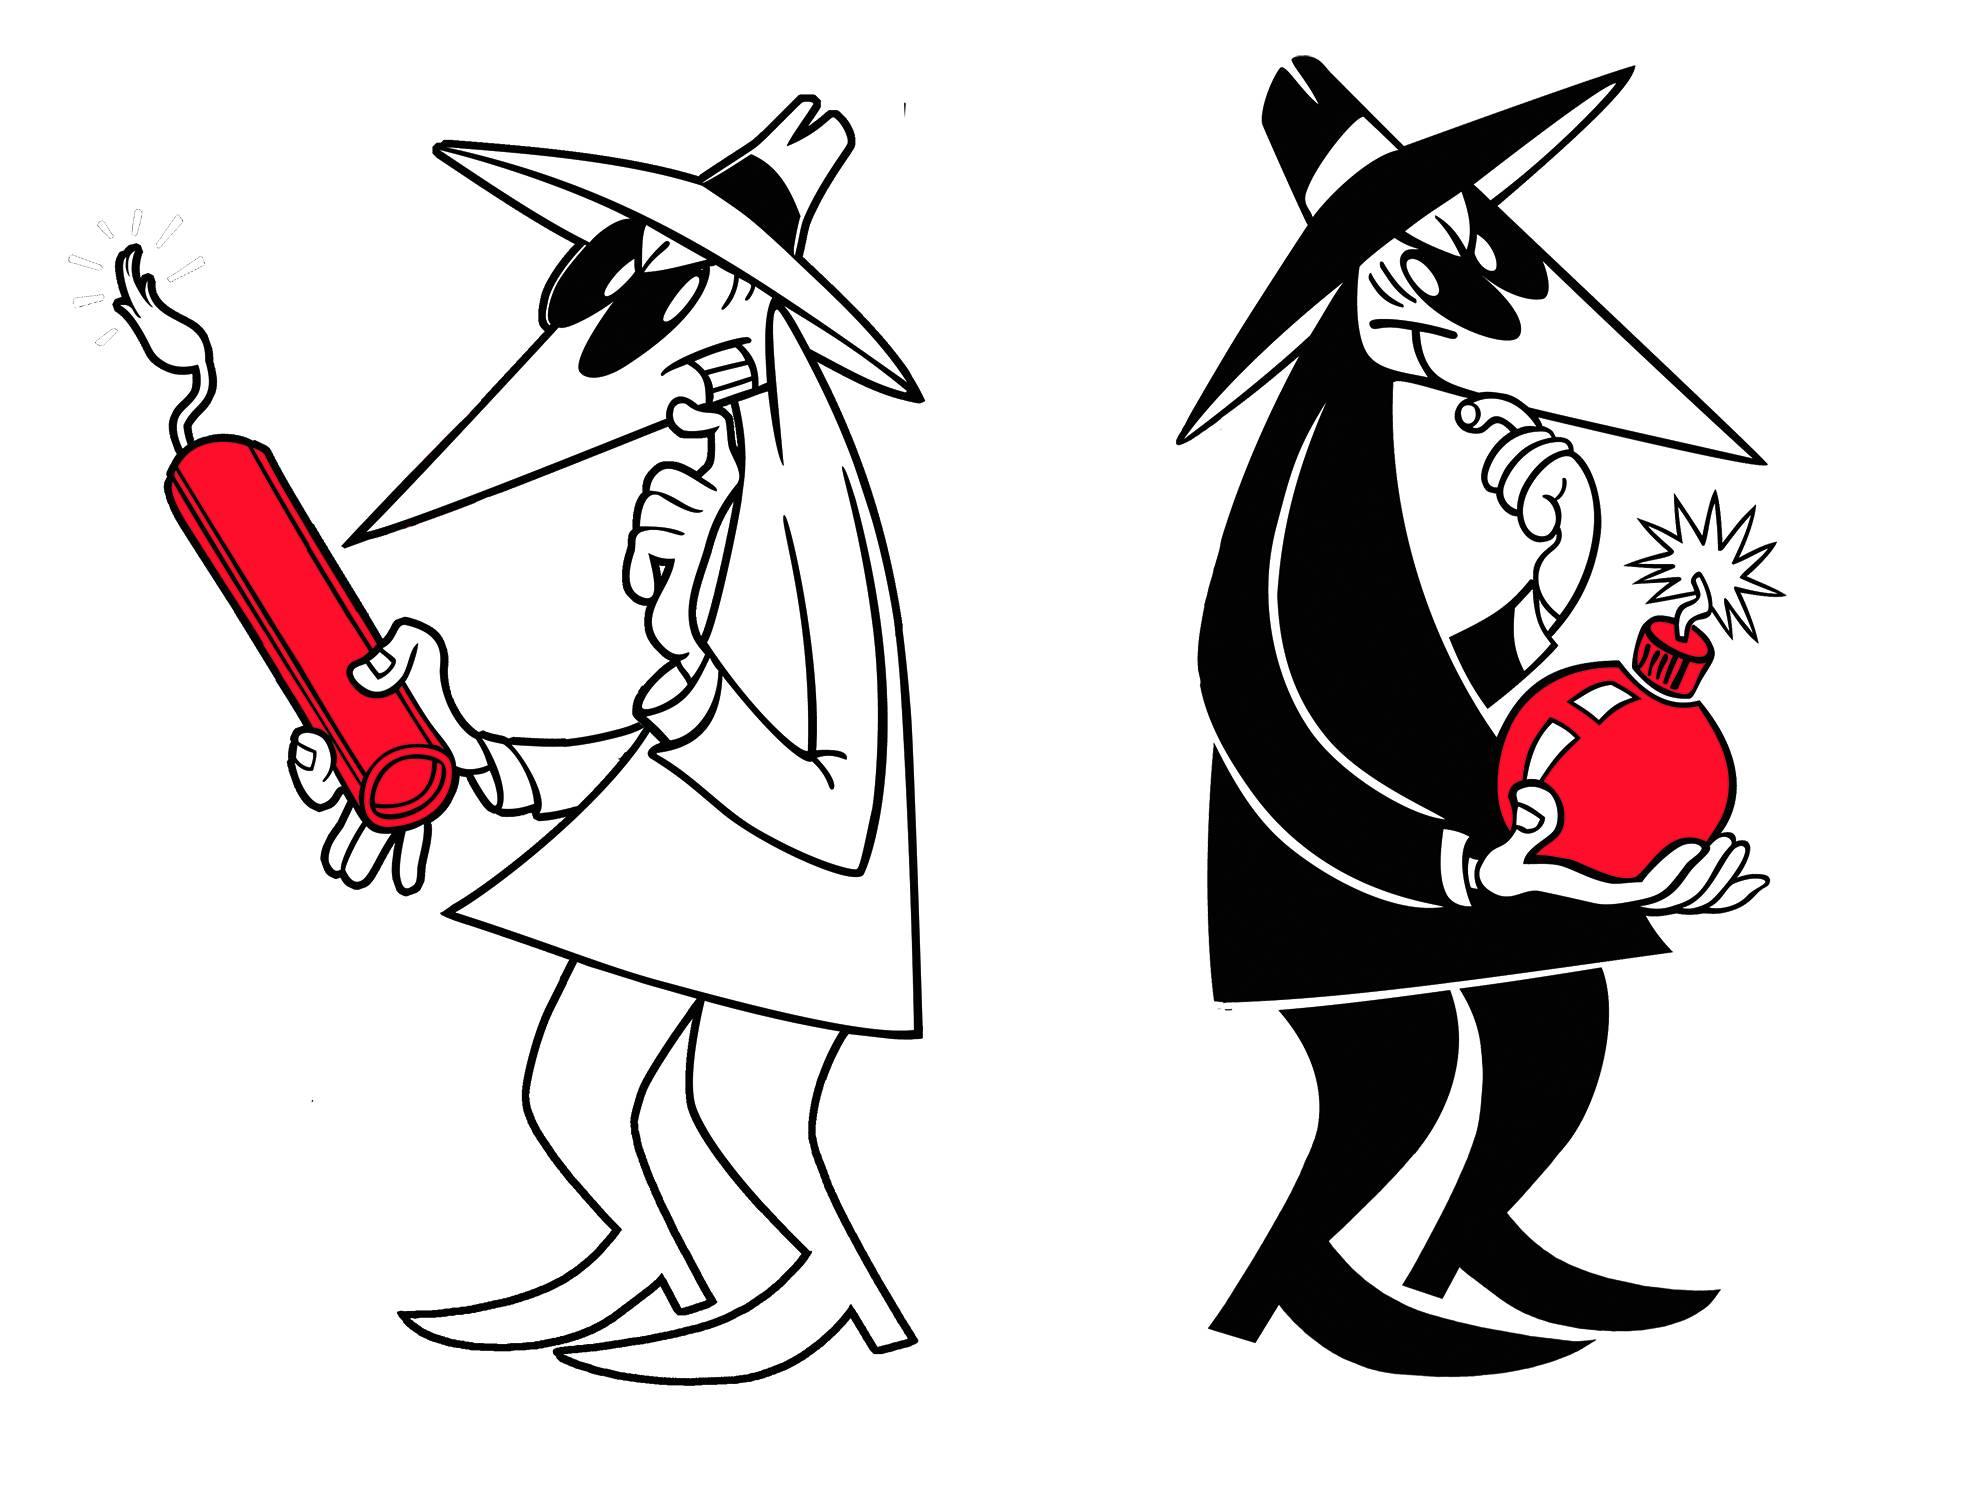 Spy vs spy clipart svg freeuse Spy vs spy clipart - ClipartFest svg freeuse